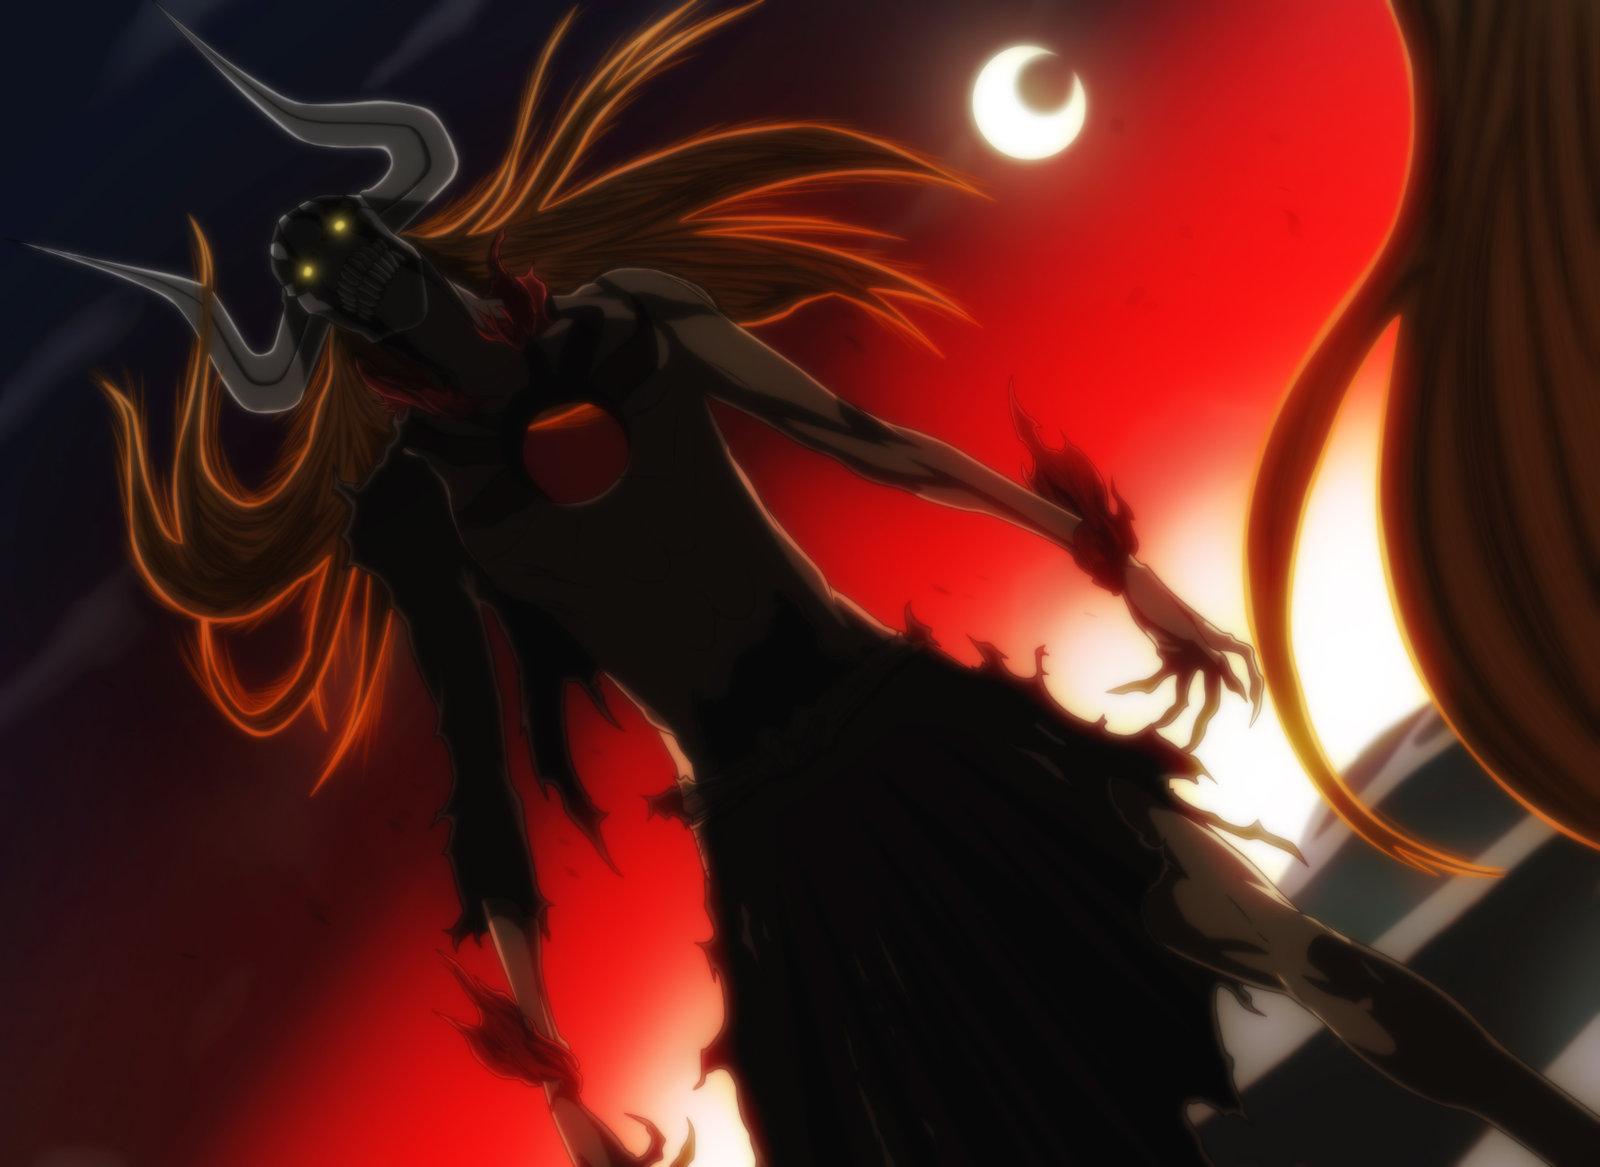 Ichigo Full Hollow Colored 3 by Omar6 1600x1167